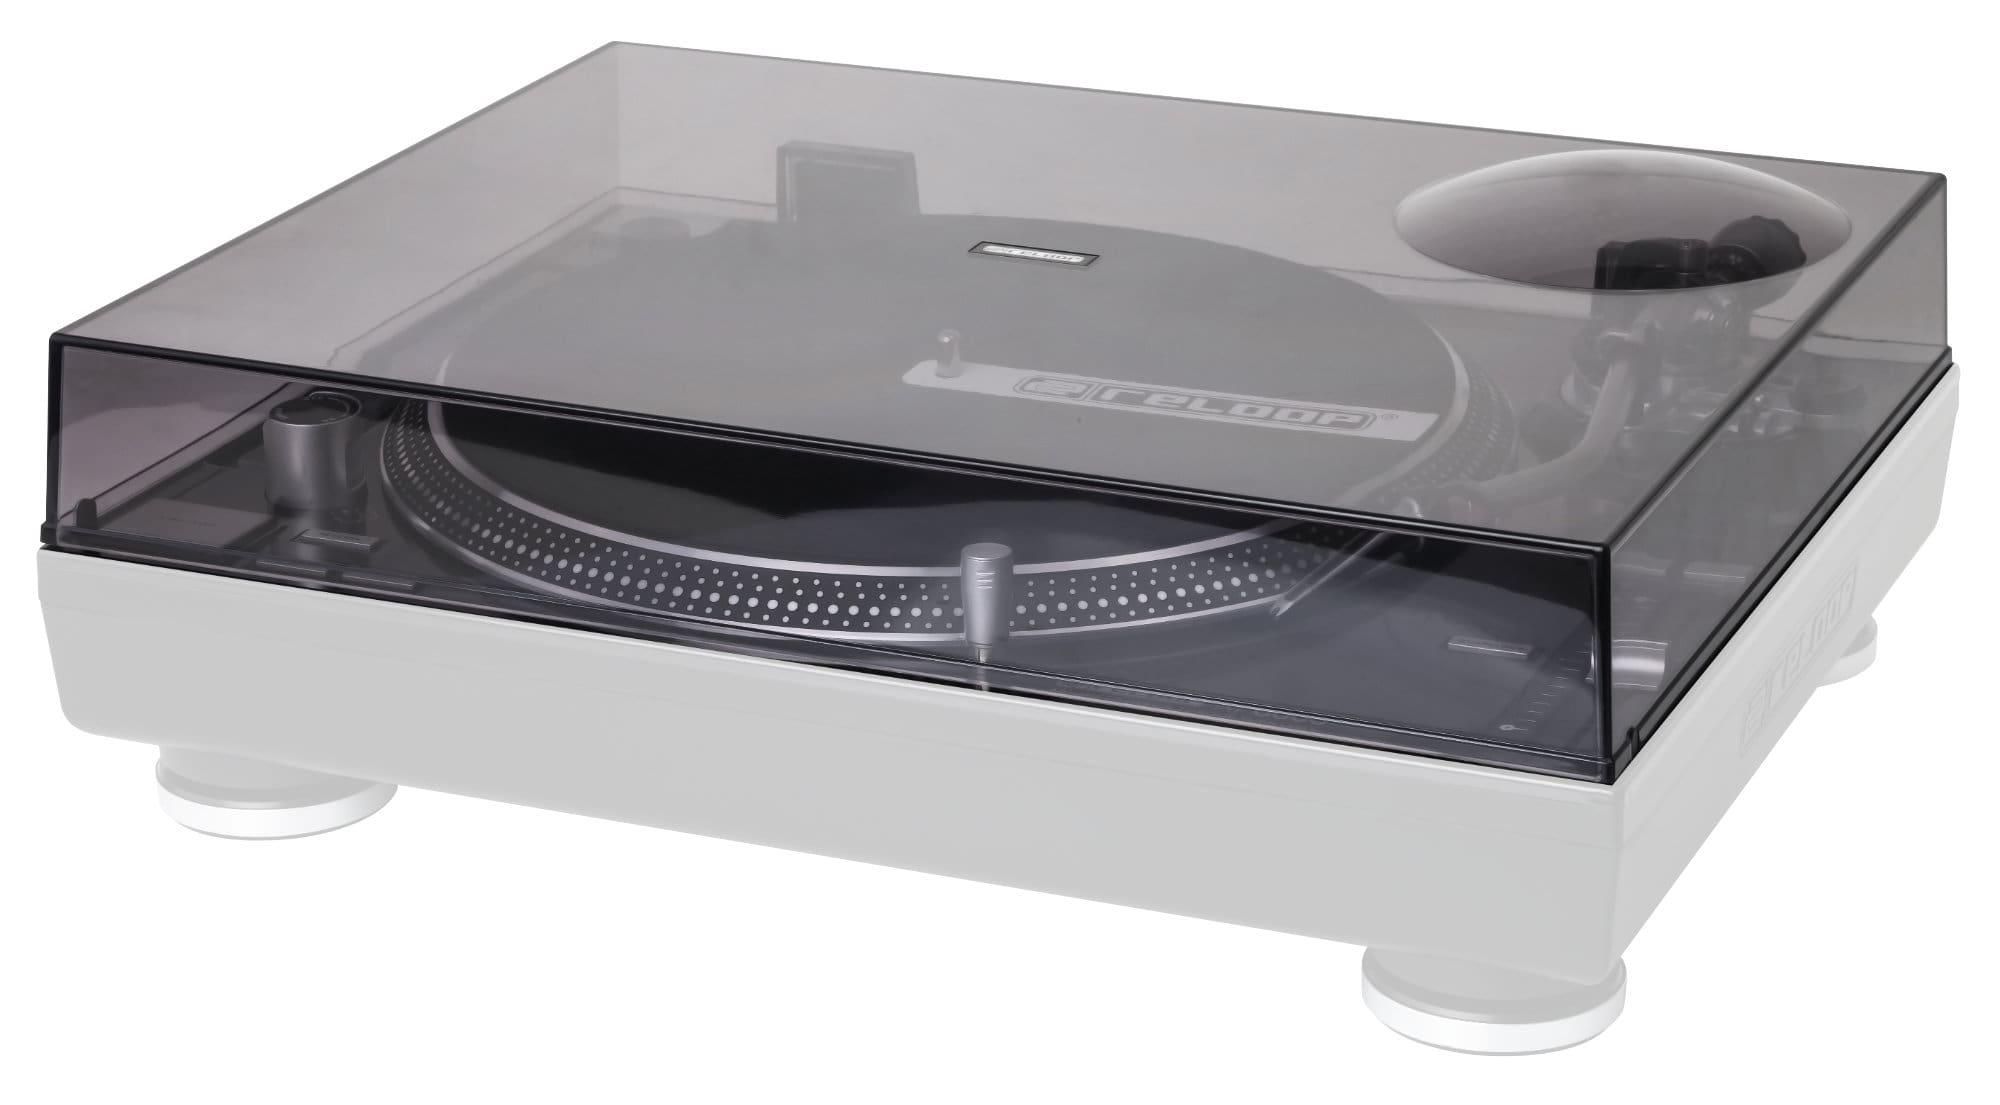 Djzubehoer - Reloop Abdeckhaube RP 7000|8000 - Onlineshop Musikhaus Kirstein